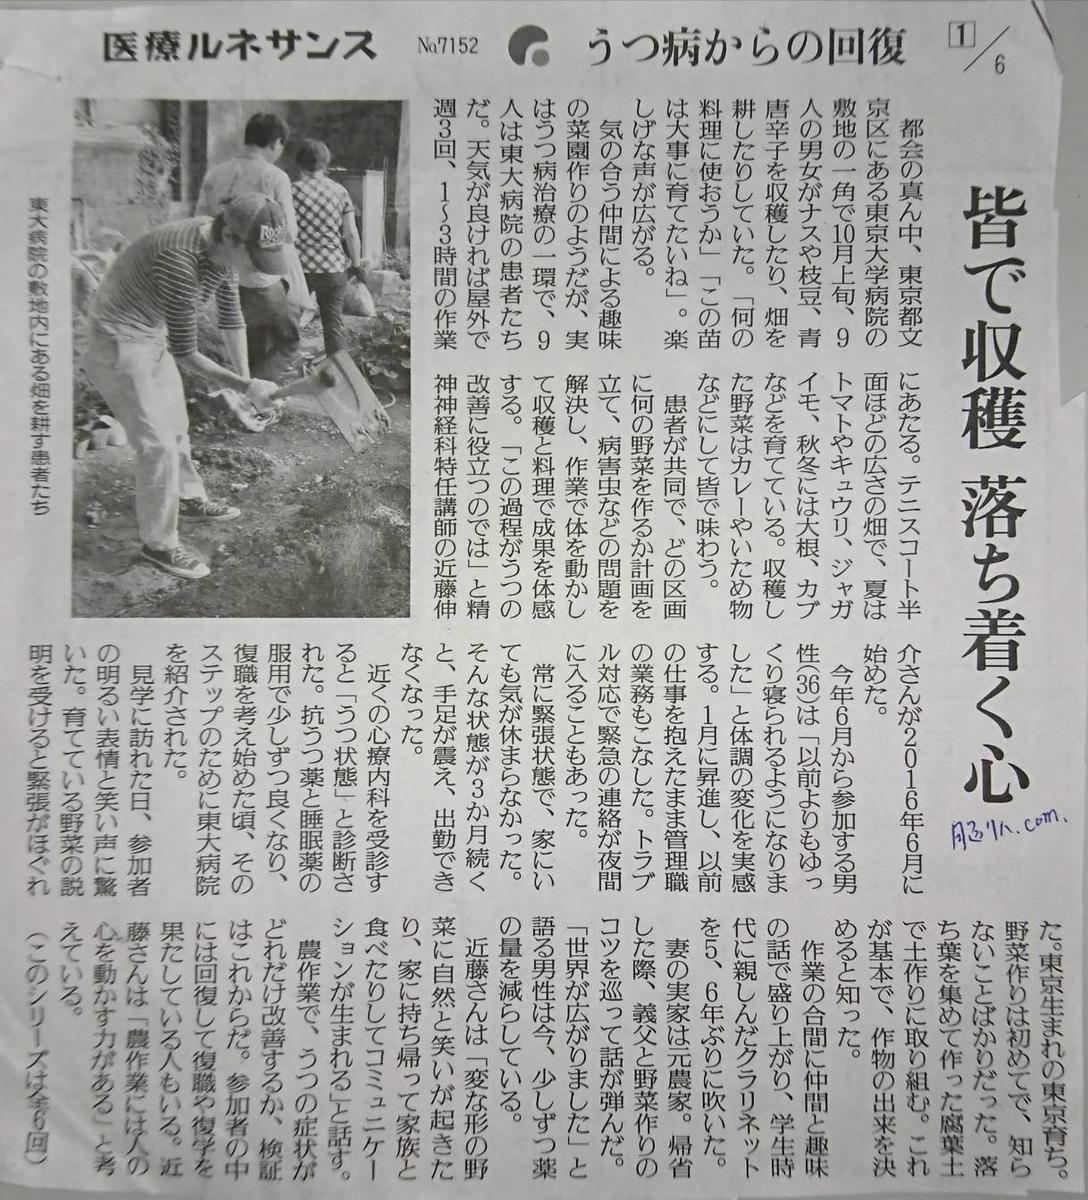 f:id:kazura-kobayashi:20200730144537j:plain